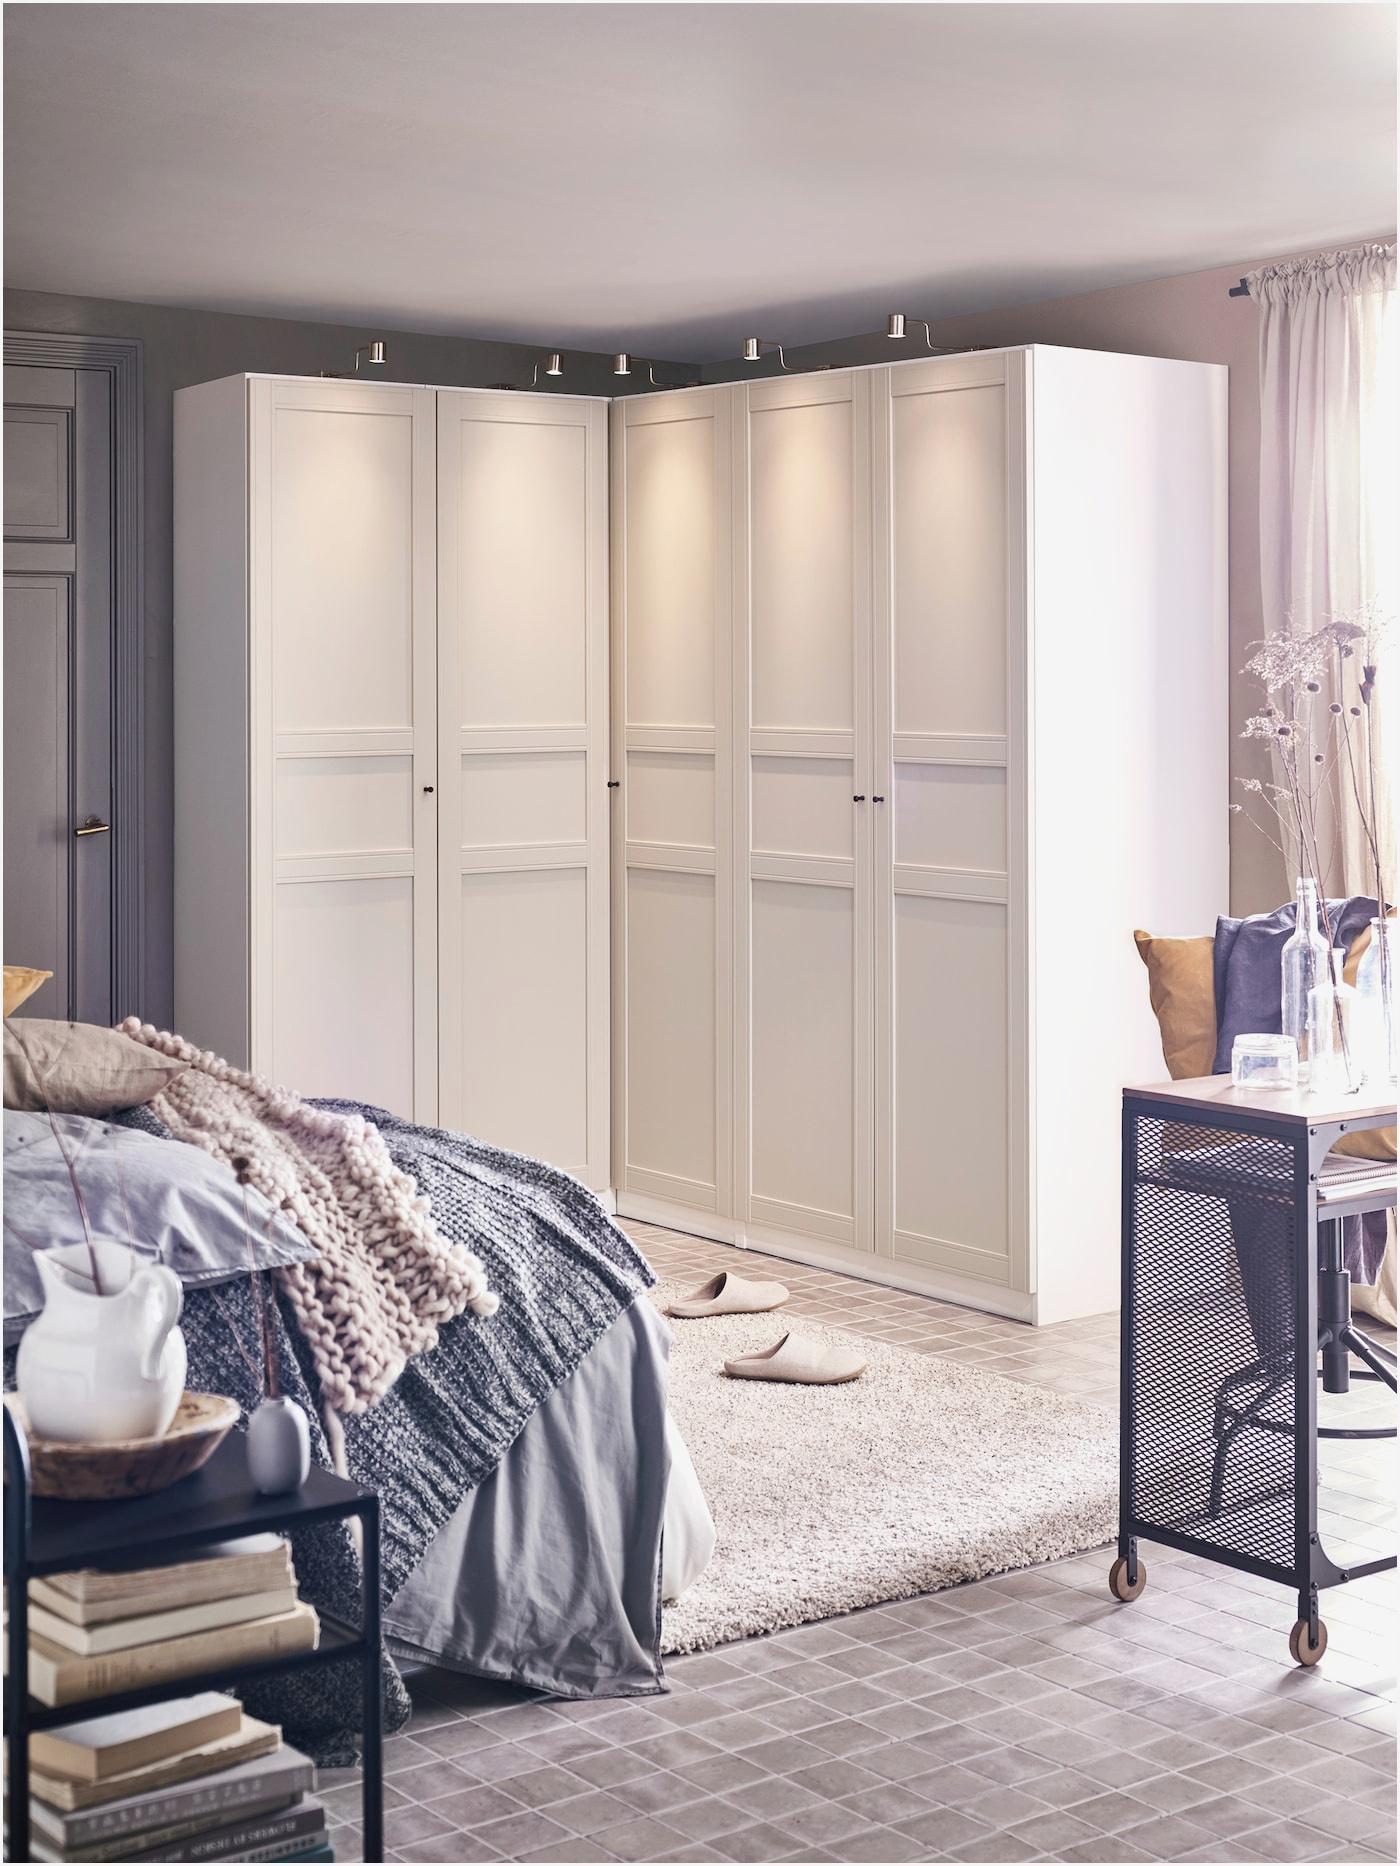 Full Size of Schlafzimmer Schrank Als Raumteiler Ikea Betten 160x200 Küche Kaufen Regal Bei Kosten Sofa Mit Schlaffunktion Modulküche Miniküche Wohnzimmer Raumteiler Ikea